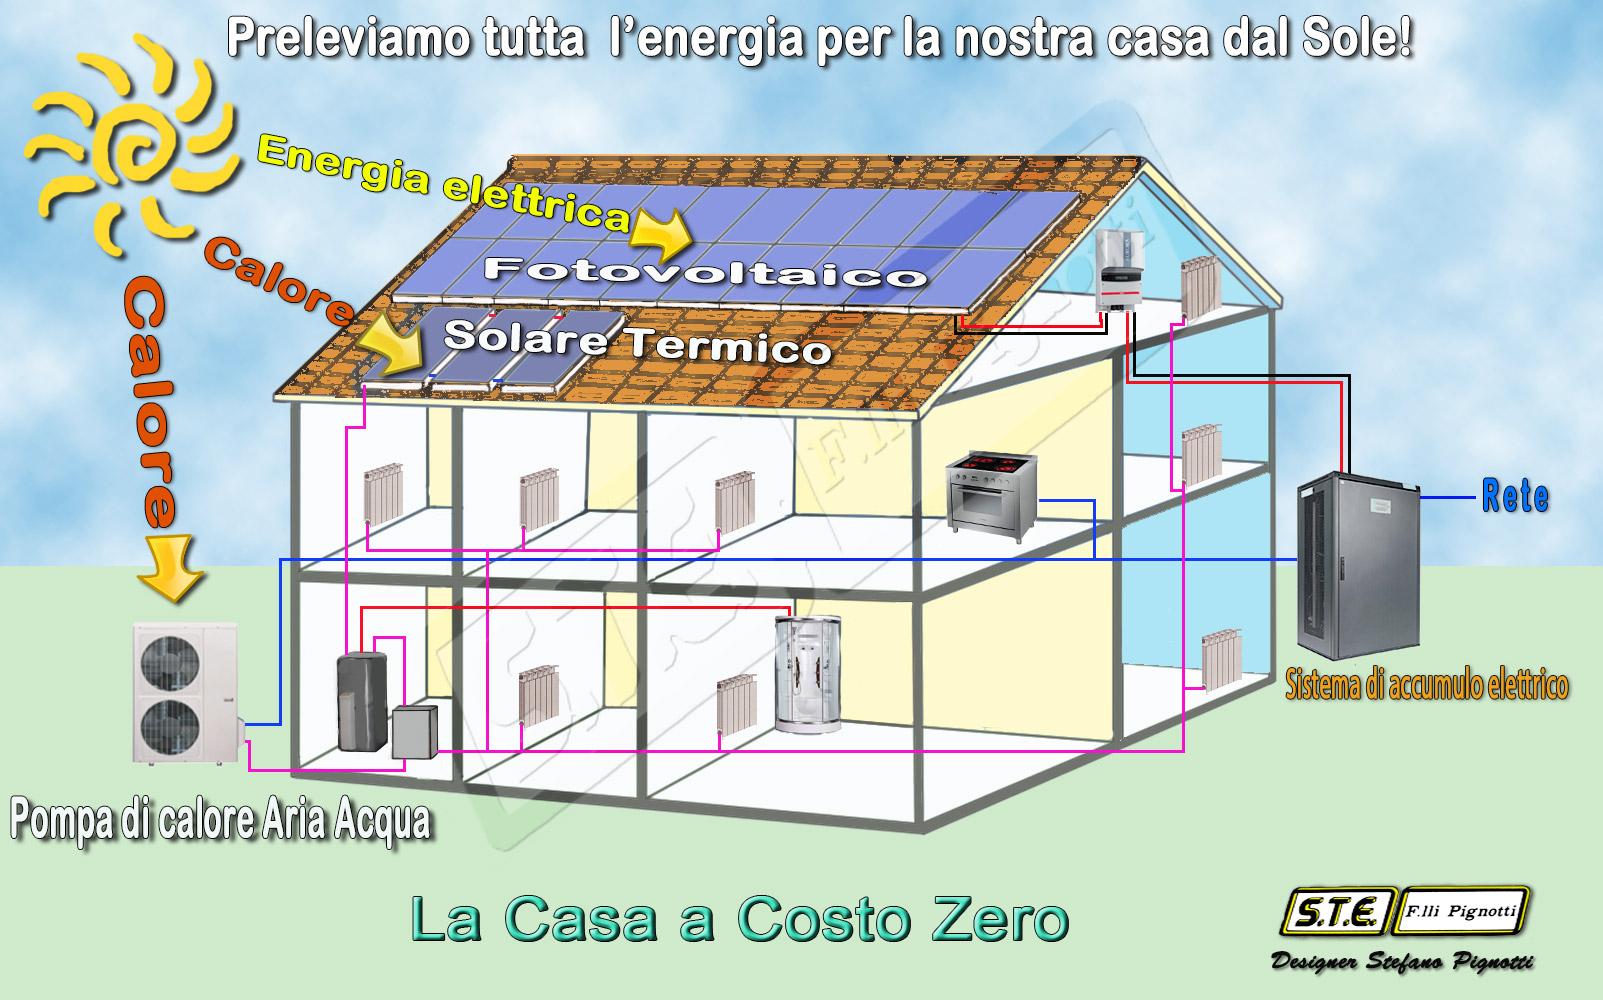 mobili lavelli costo medio riscaldamento abitazione gpl